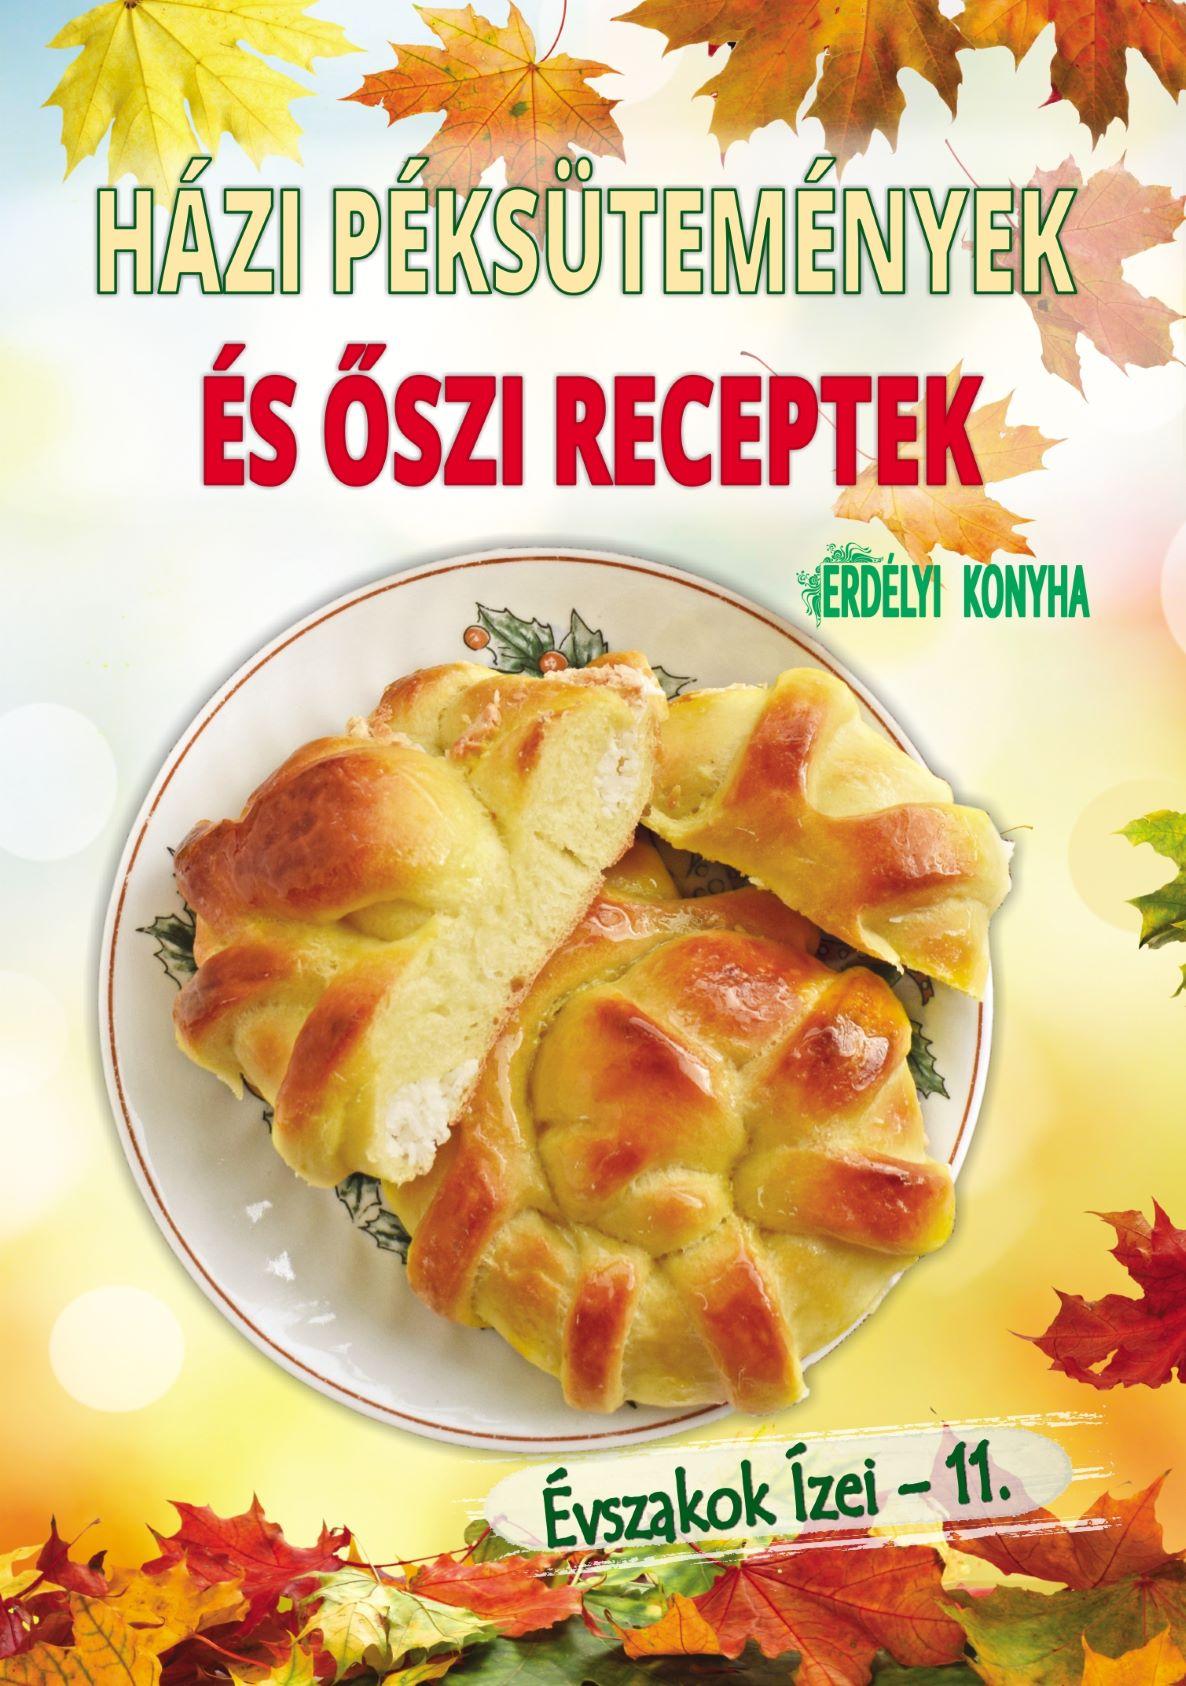 Évszakok ízei – 11. / Házi péksütemények és őszi receptek